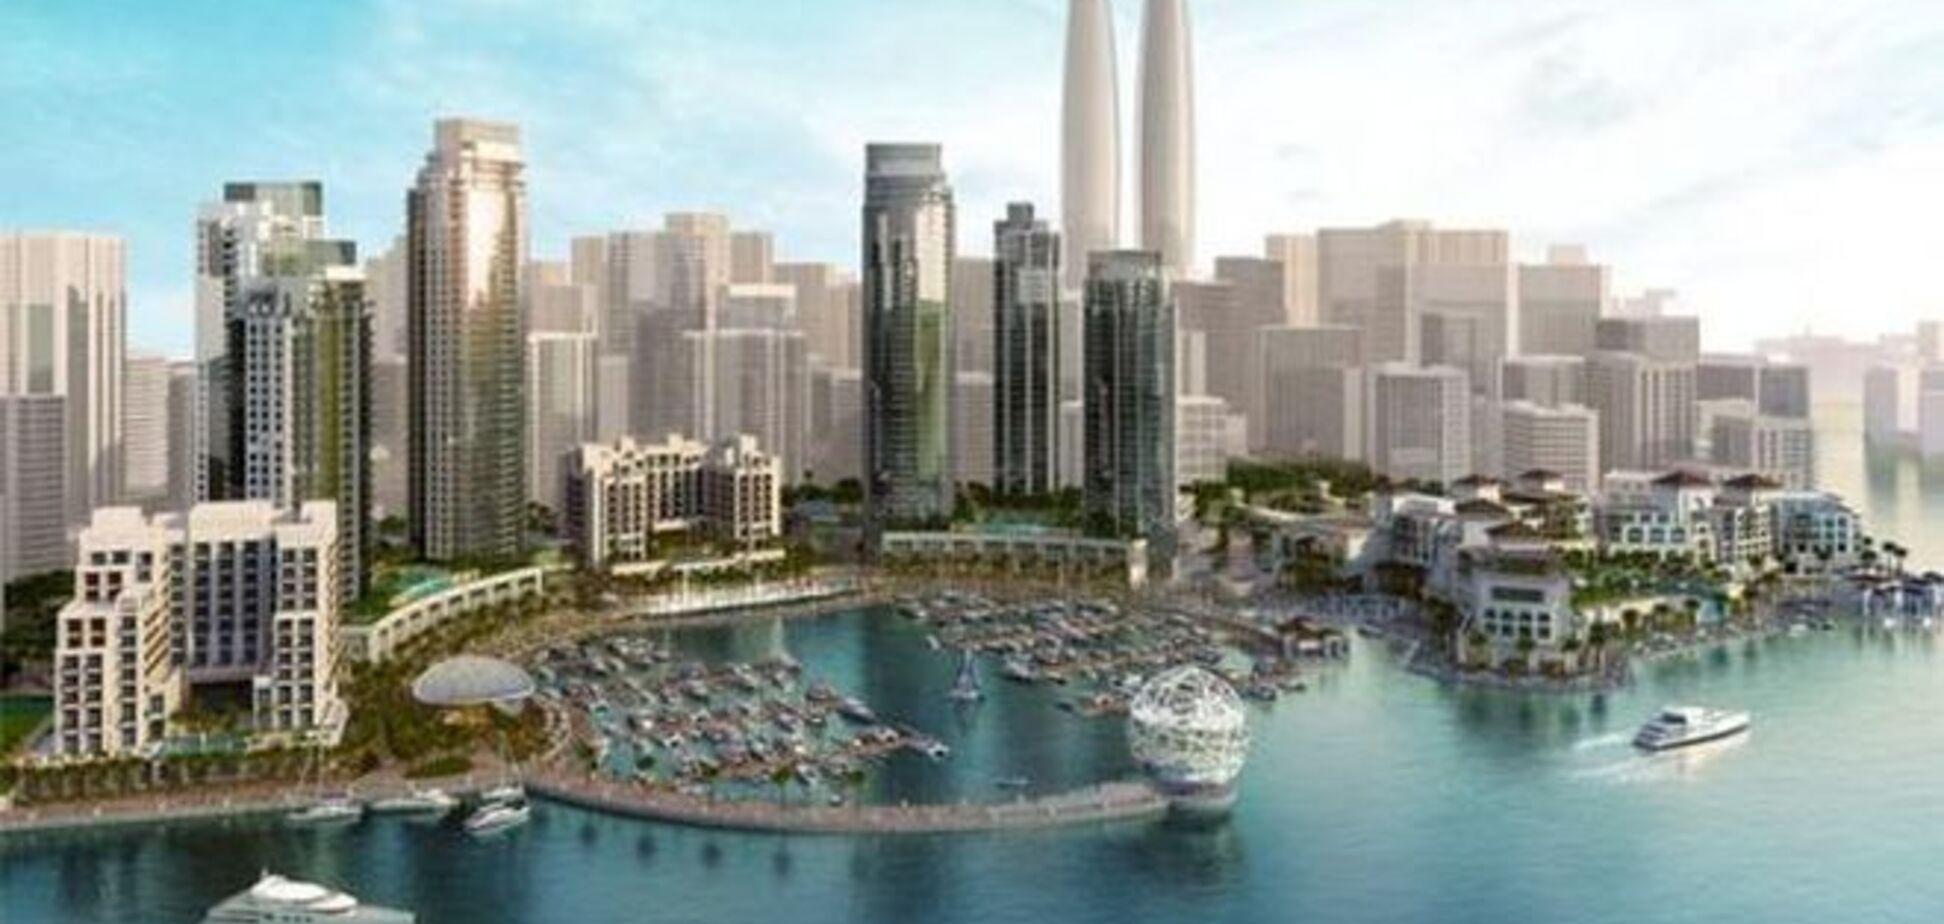 В Дубае построят самые высокие в мире башни-близнецы. Опубликованы фото